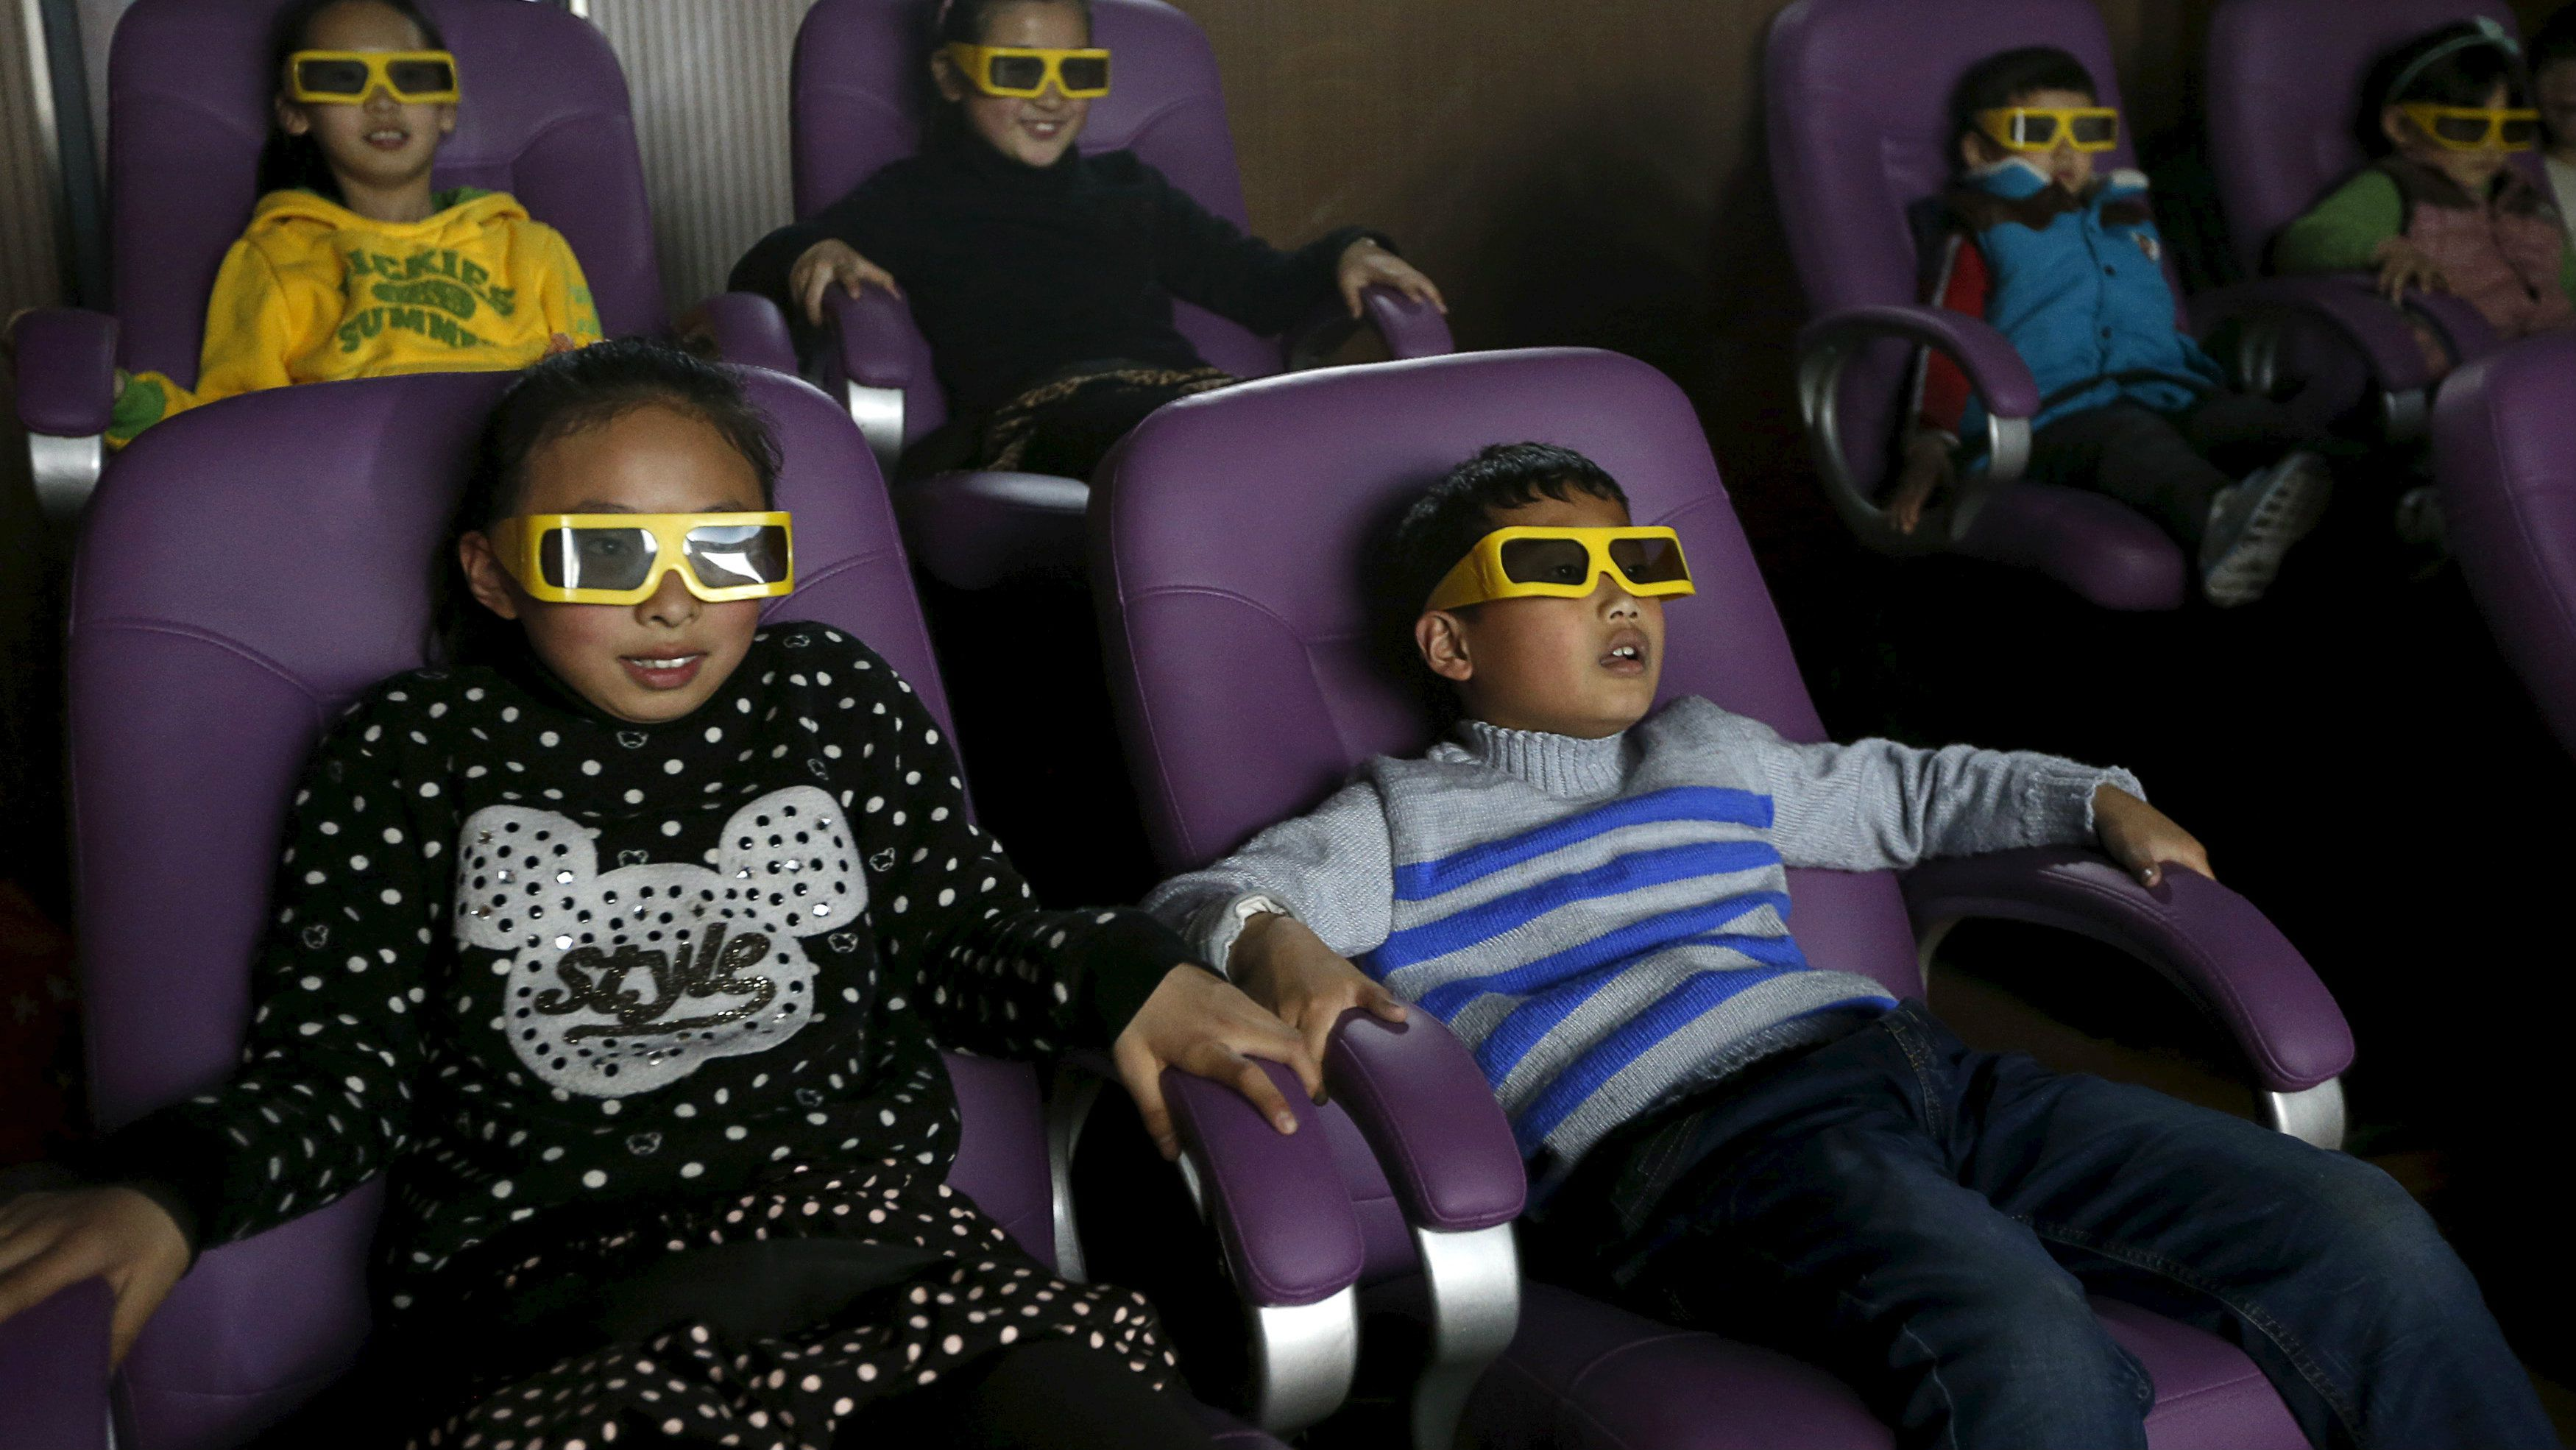 Kids in 3d glasses